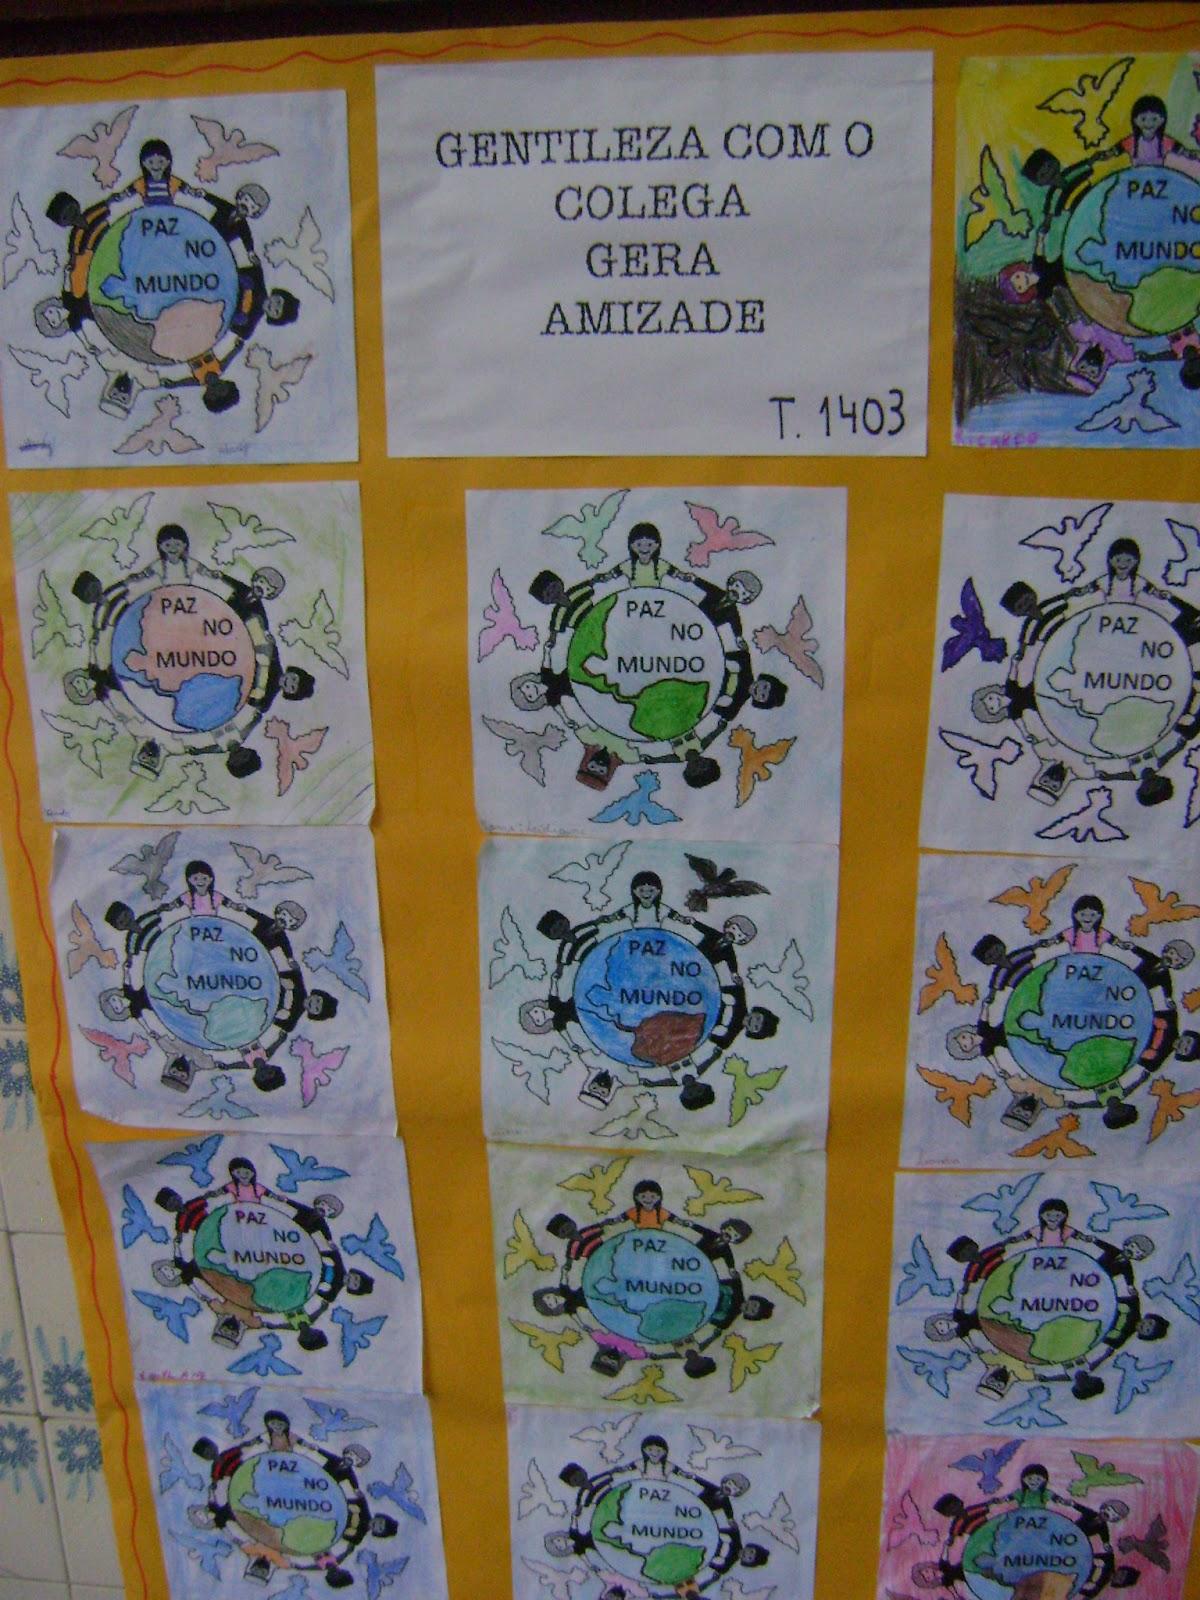 Escola Municipal Professor Augusto Paulino Filho: O PROJETO GENTILEZA  #896518 1200 1600